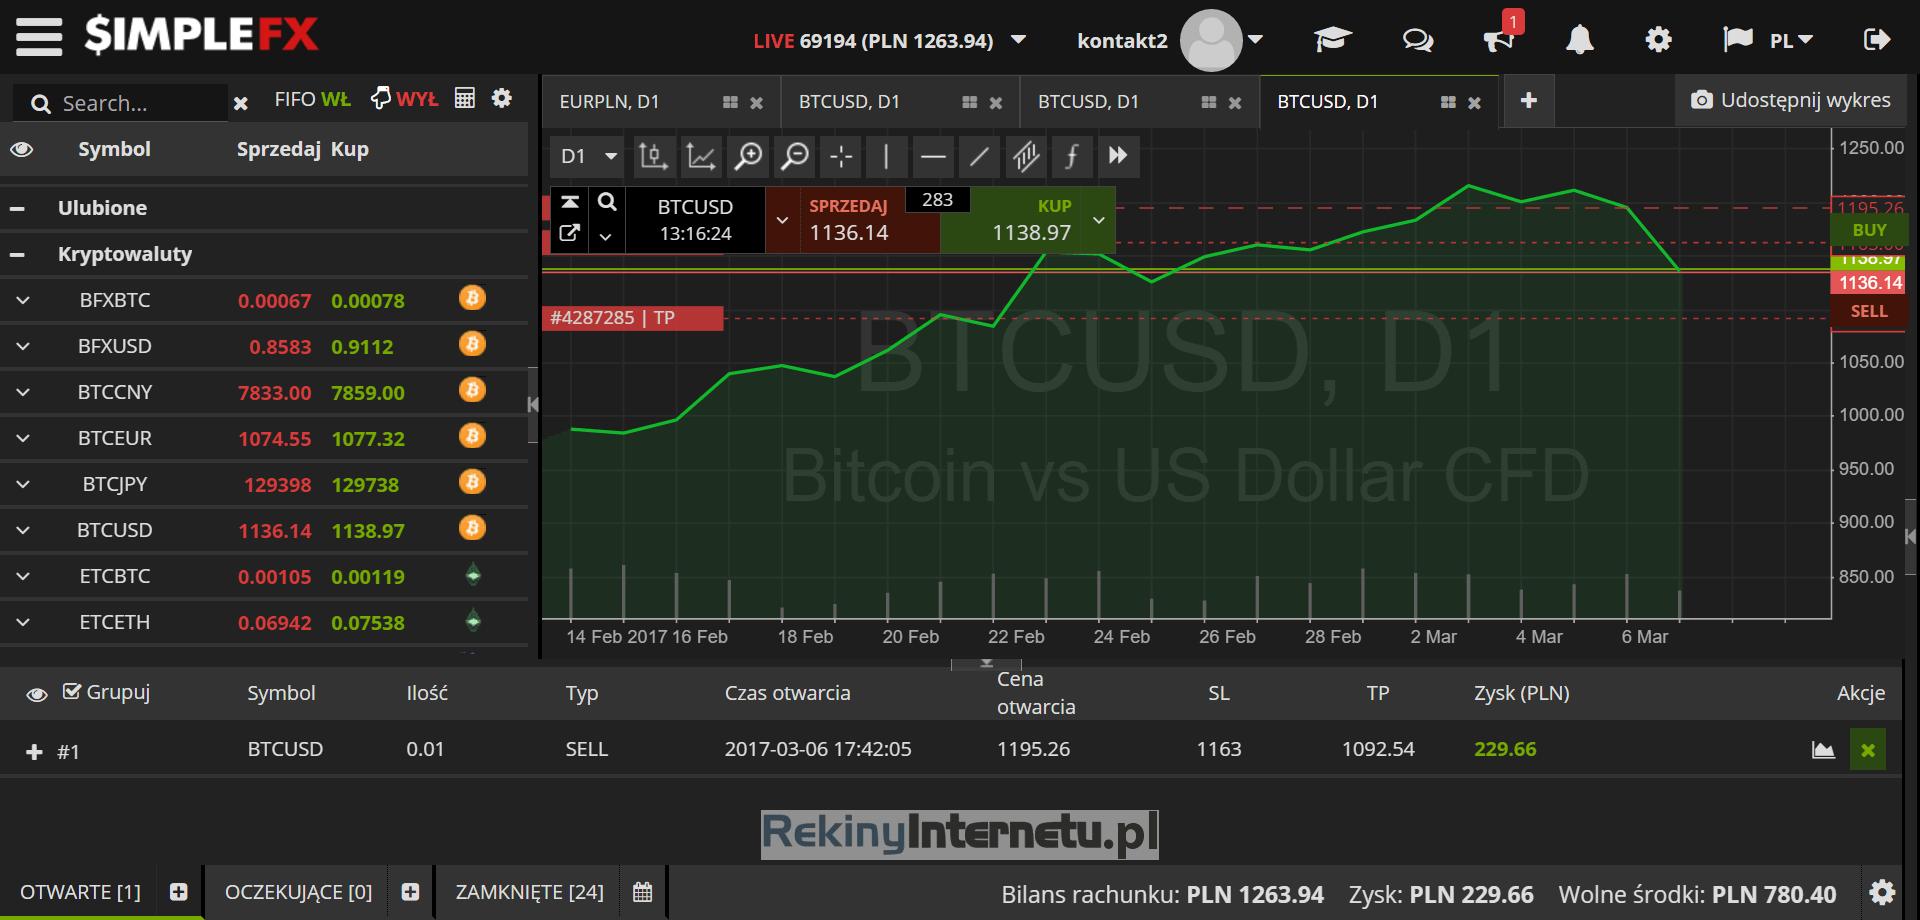 SimpleFX wyniki inwestycji w Bitcoin